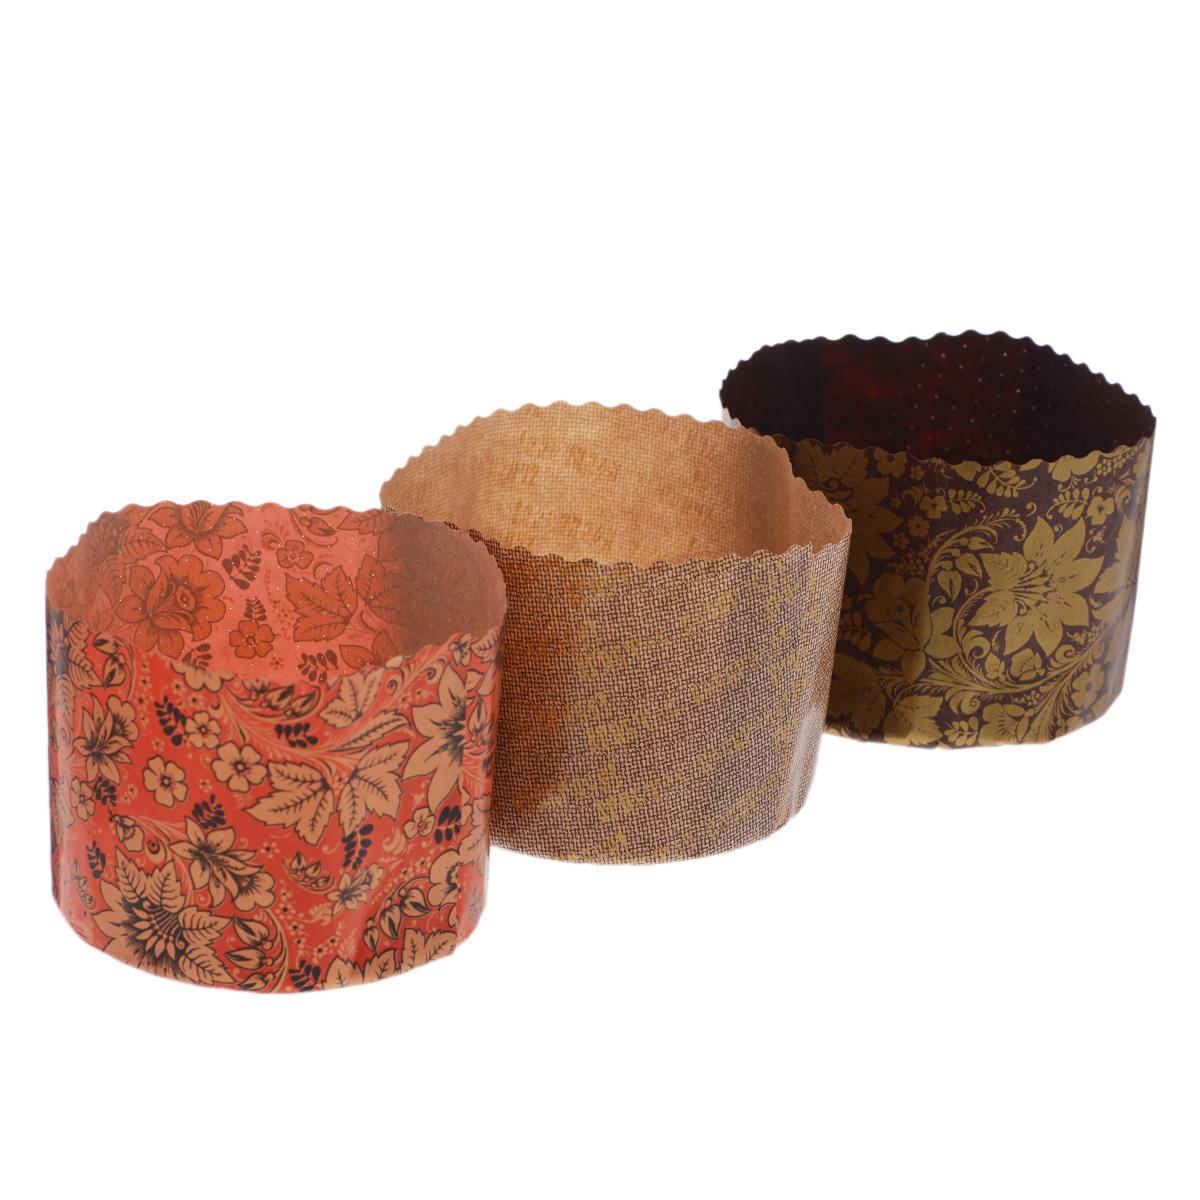 Набор форм для выпечки куличей Marmiton Пасхальный, 1 л, 3 шт набор форм для запекания marmiton диаметр 27 5 см 5 шт